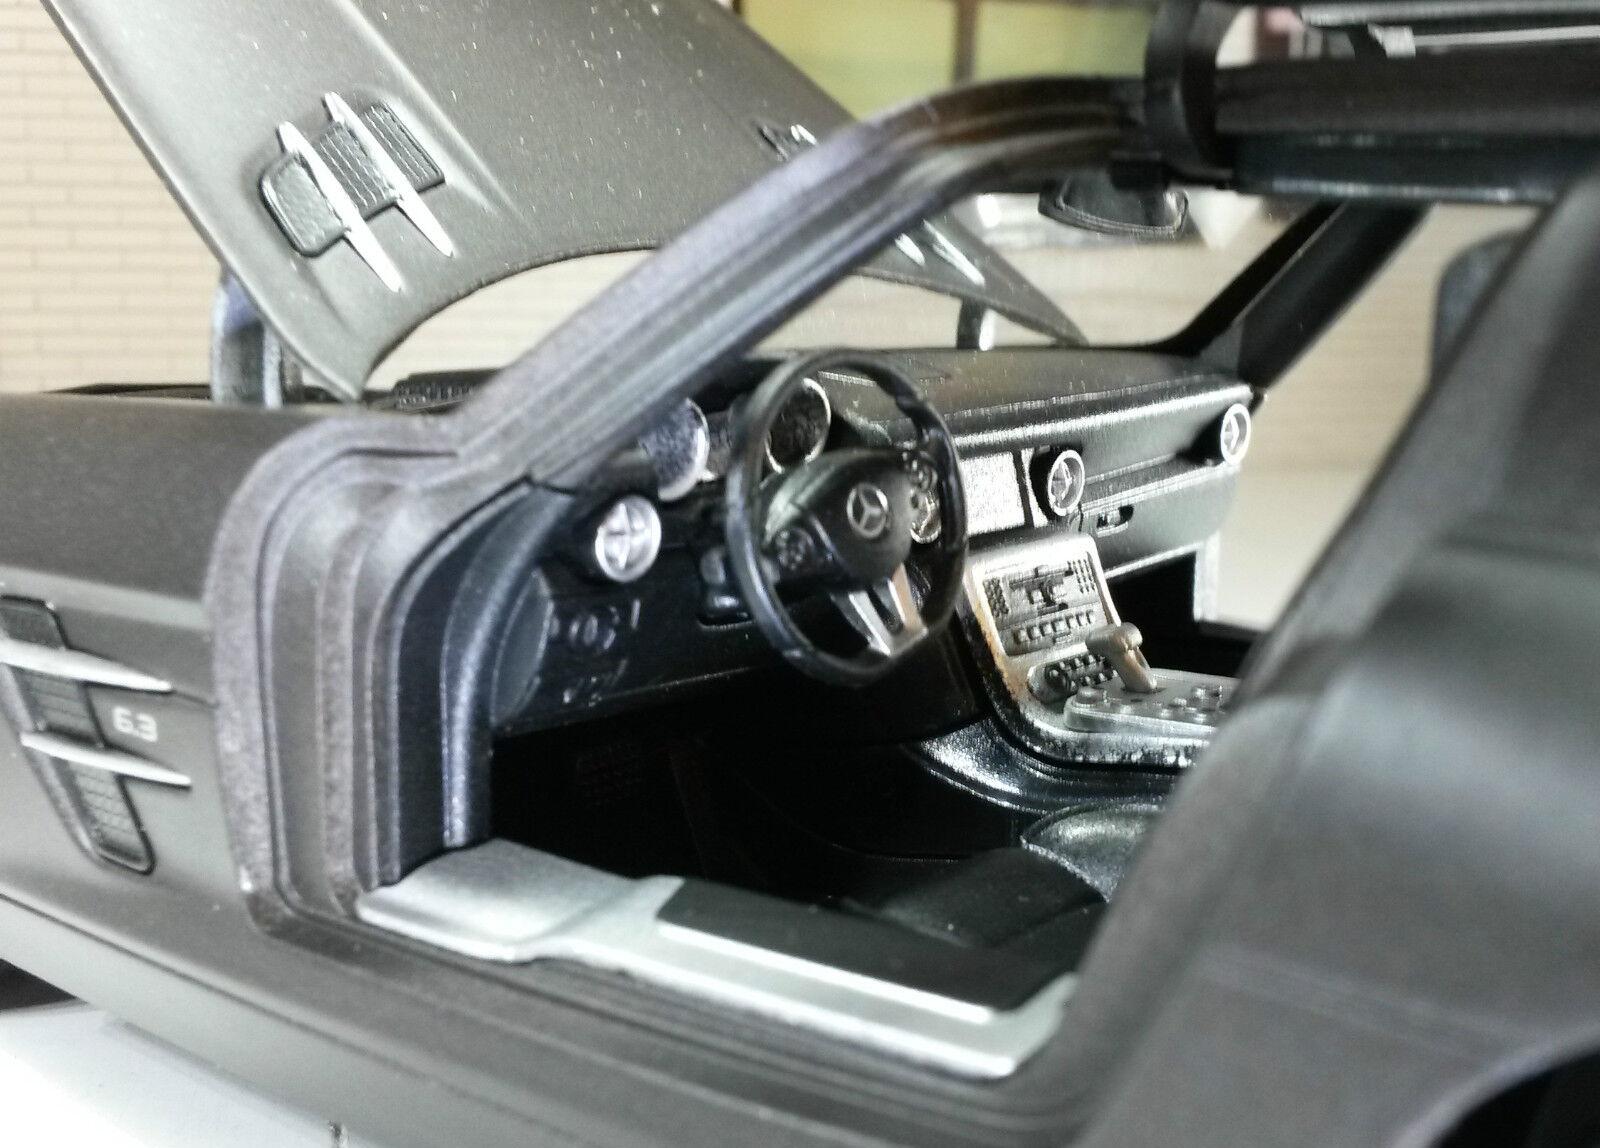 1 24 SCALA MERCEDES Gull Ala V8 SLS SLS SLS C197 AMG Welly matt nero verde modello di auto c3a788